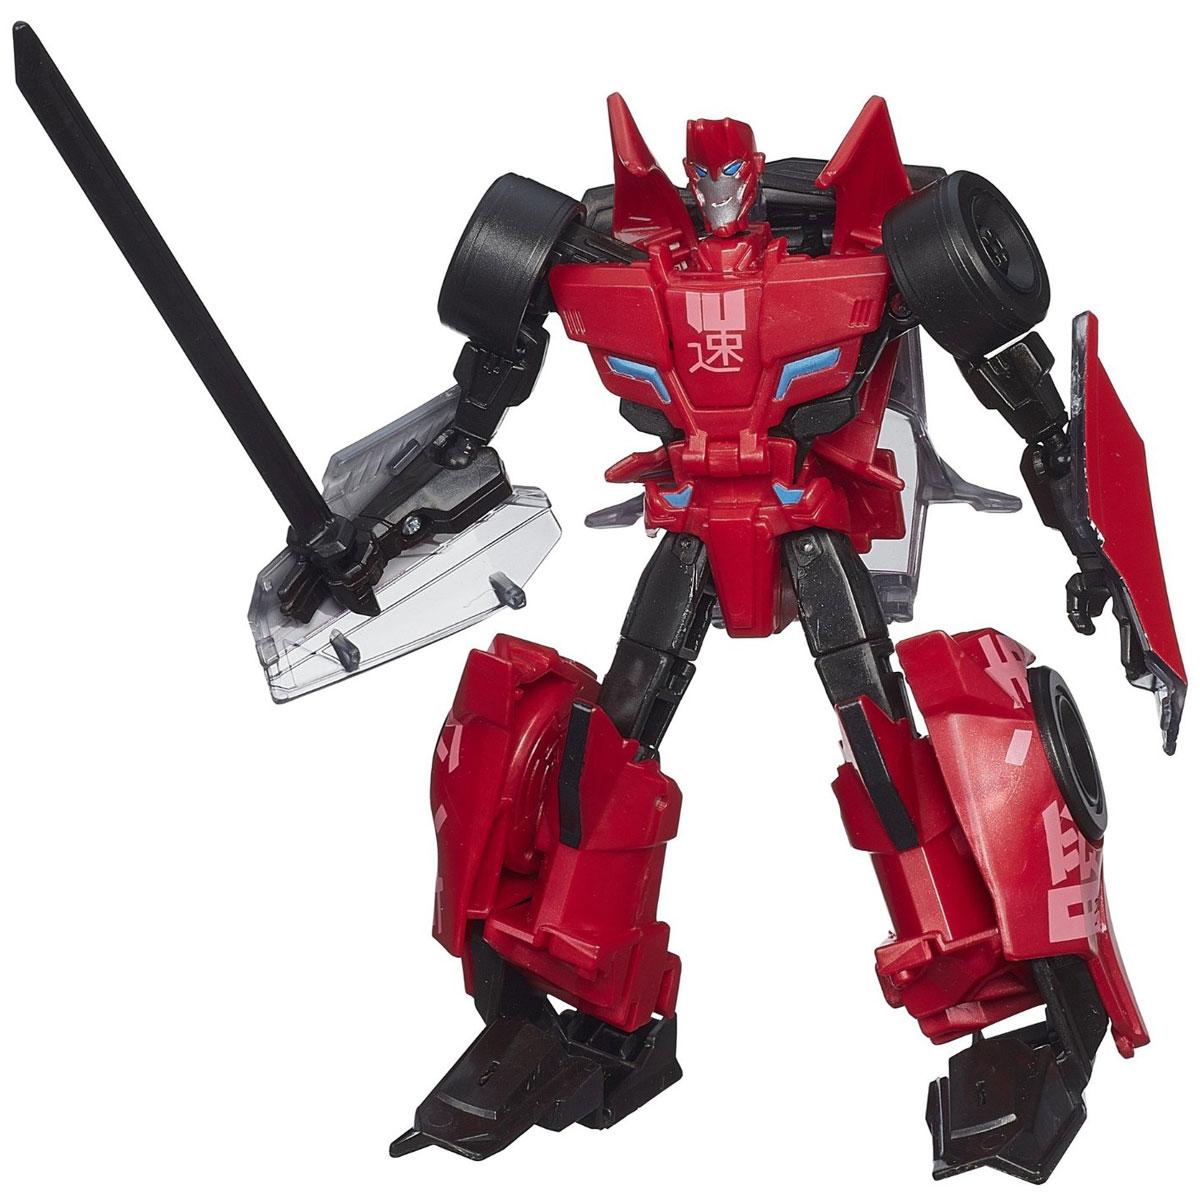 Transformers Robots In Disguise Sideswipe 13 смB0070EU4_B1733Фигурка Transformers Robots In Disguise Sideswipe обязательно понравится любому маленькому поклоннику знаменитых Трансформеров! Фигурка выполнена из прочного пластика в виде трансформера-автобота Сайдсвайпа. Руки и ноги робота подвижны. В 10 простых шагов малыш сможет трансформировать фигурку робота в гоночный автомобиль. Фигурка отличается высокой степенью детализации. Небольшие размеры фигурки позволят брать ее с собой на прогулку или в гости. Ребенок с удовольствием будет играть с фигуркой, придумывая разные истории. Порадуйте его таким замечательным подарком!